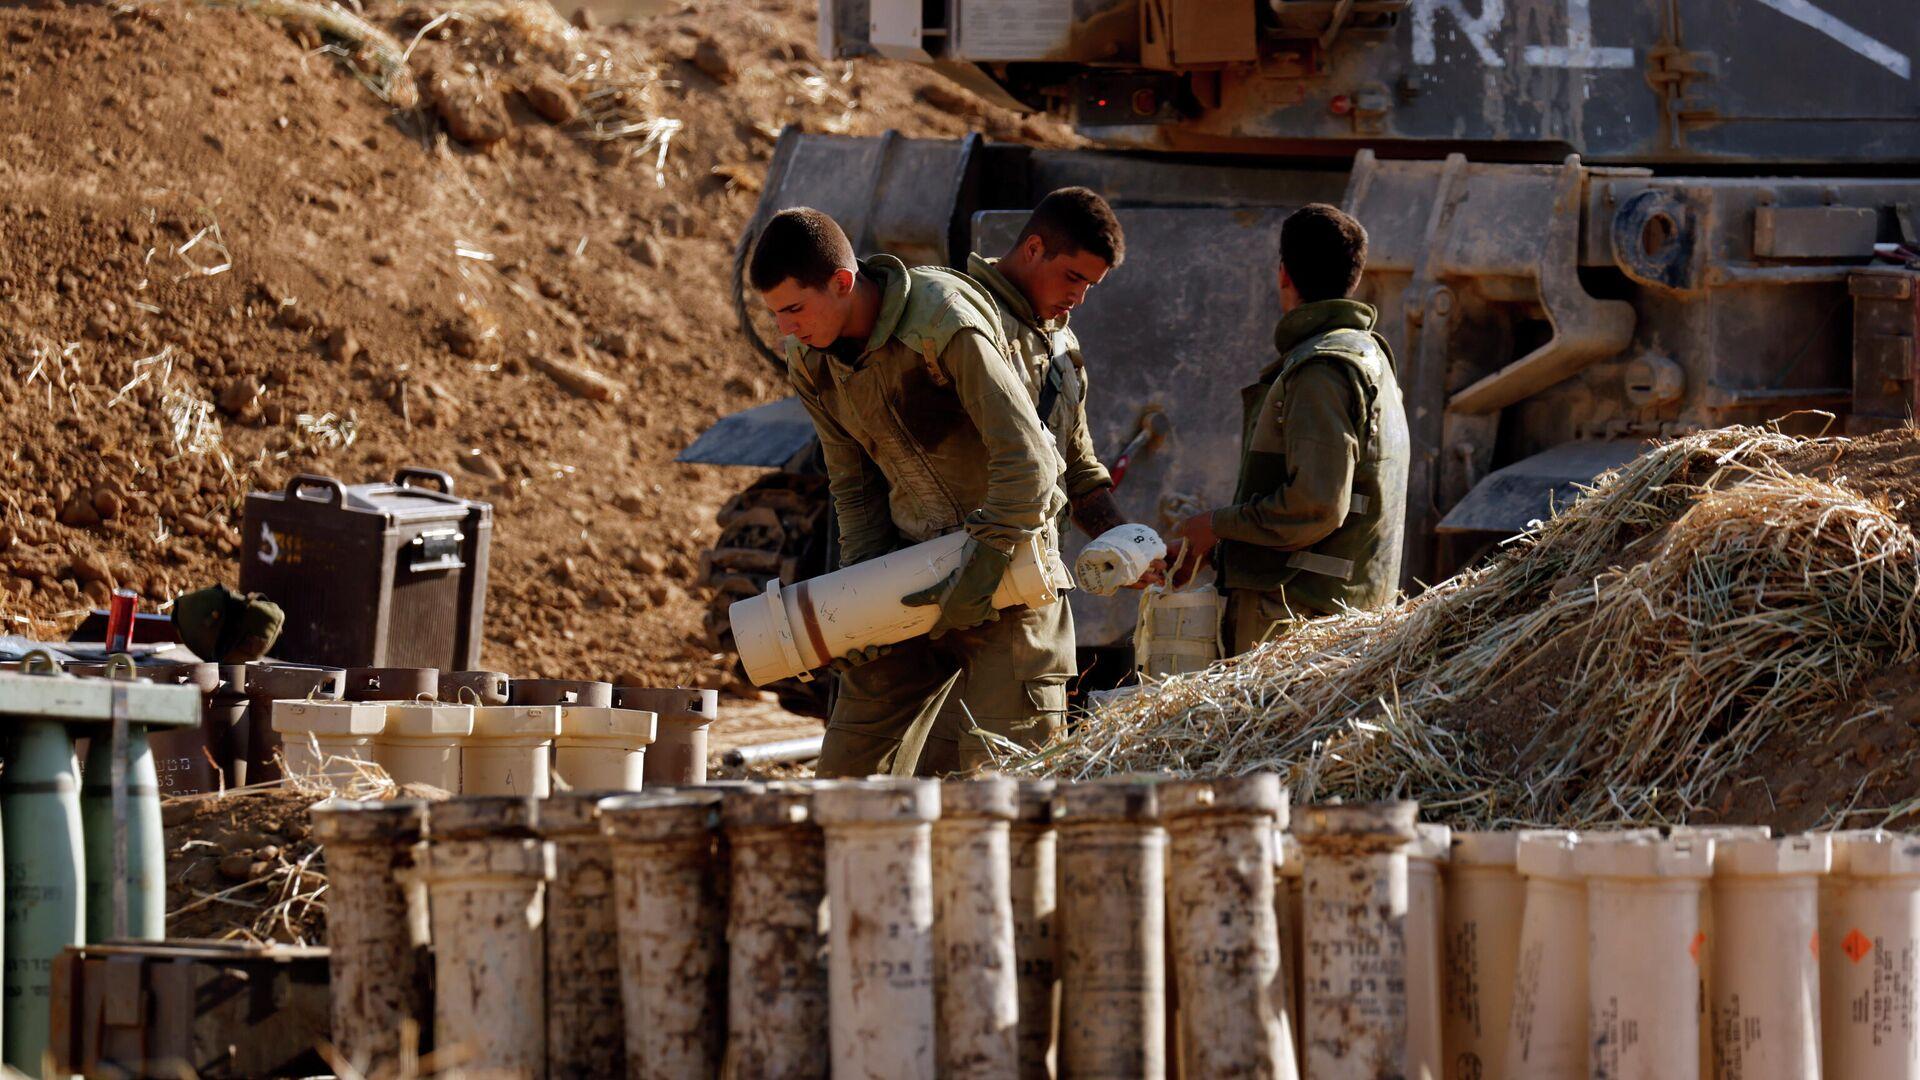 Израильские военные недалеко от границы между Израилем и сектором Газа - РИА Новости, 1920, 13.05.2021